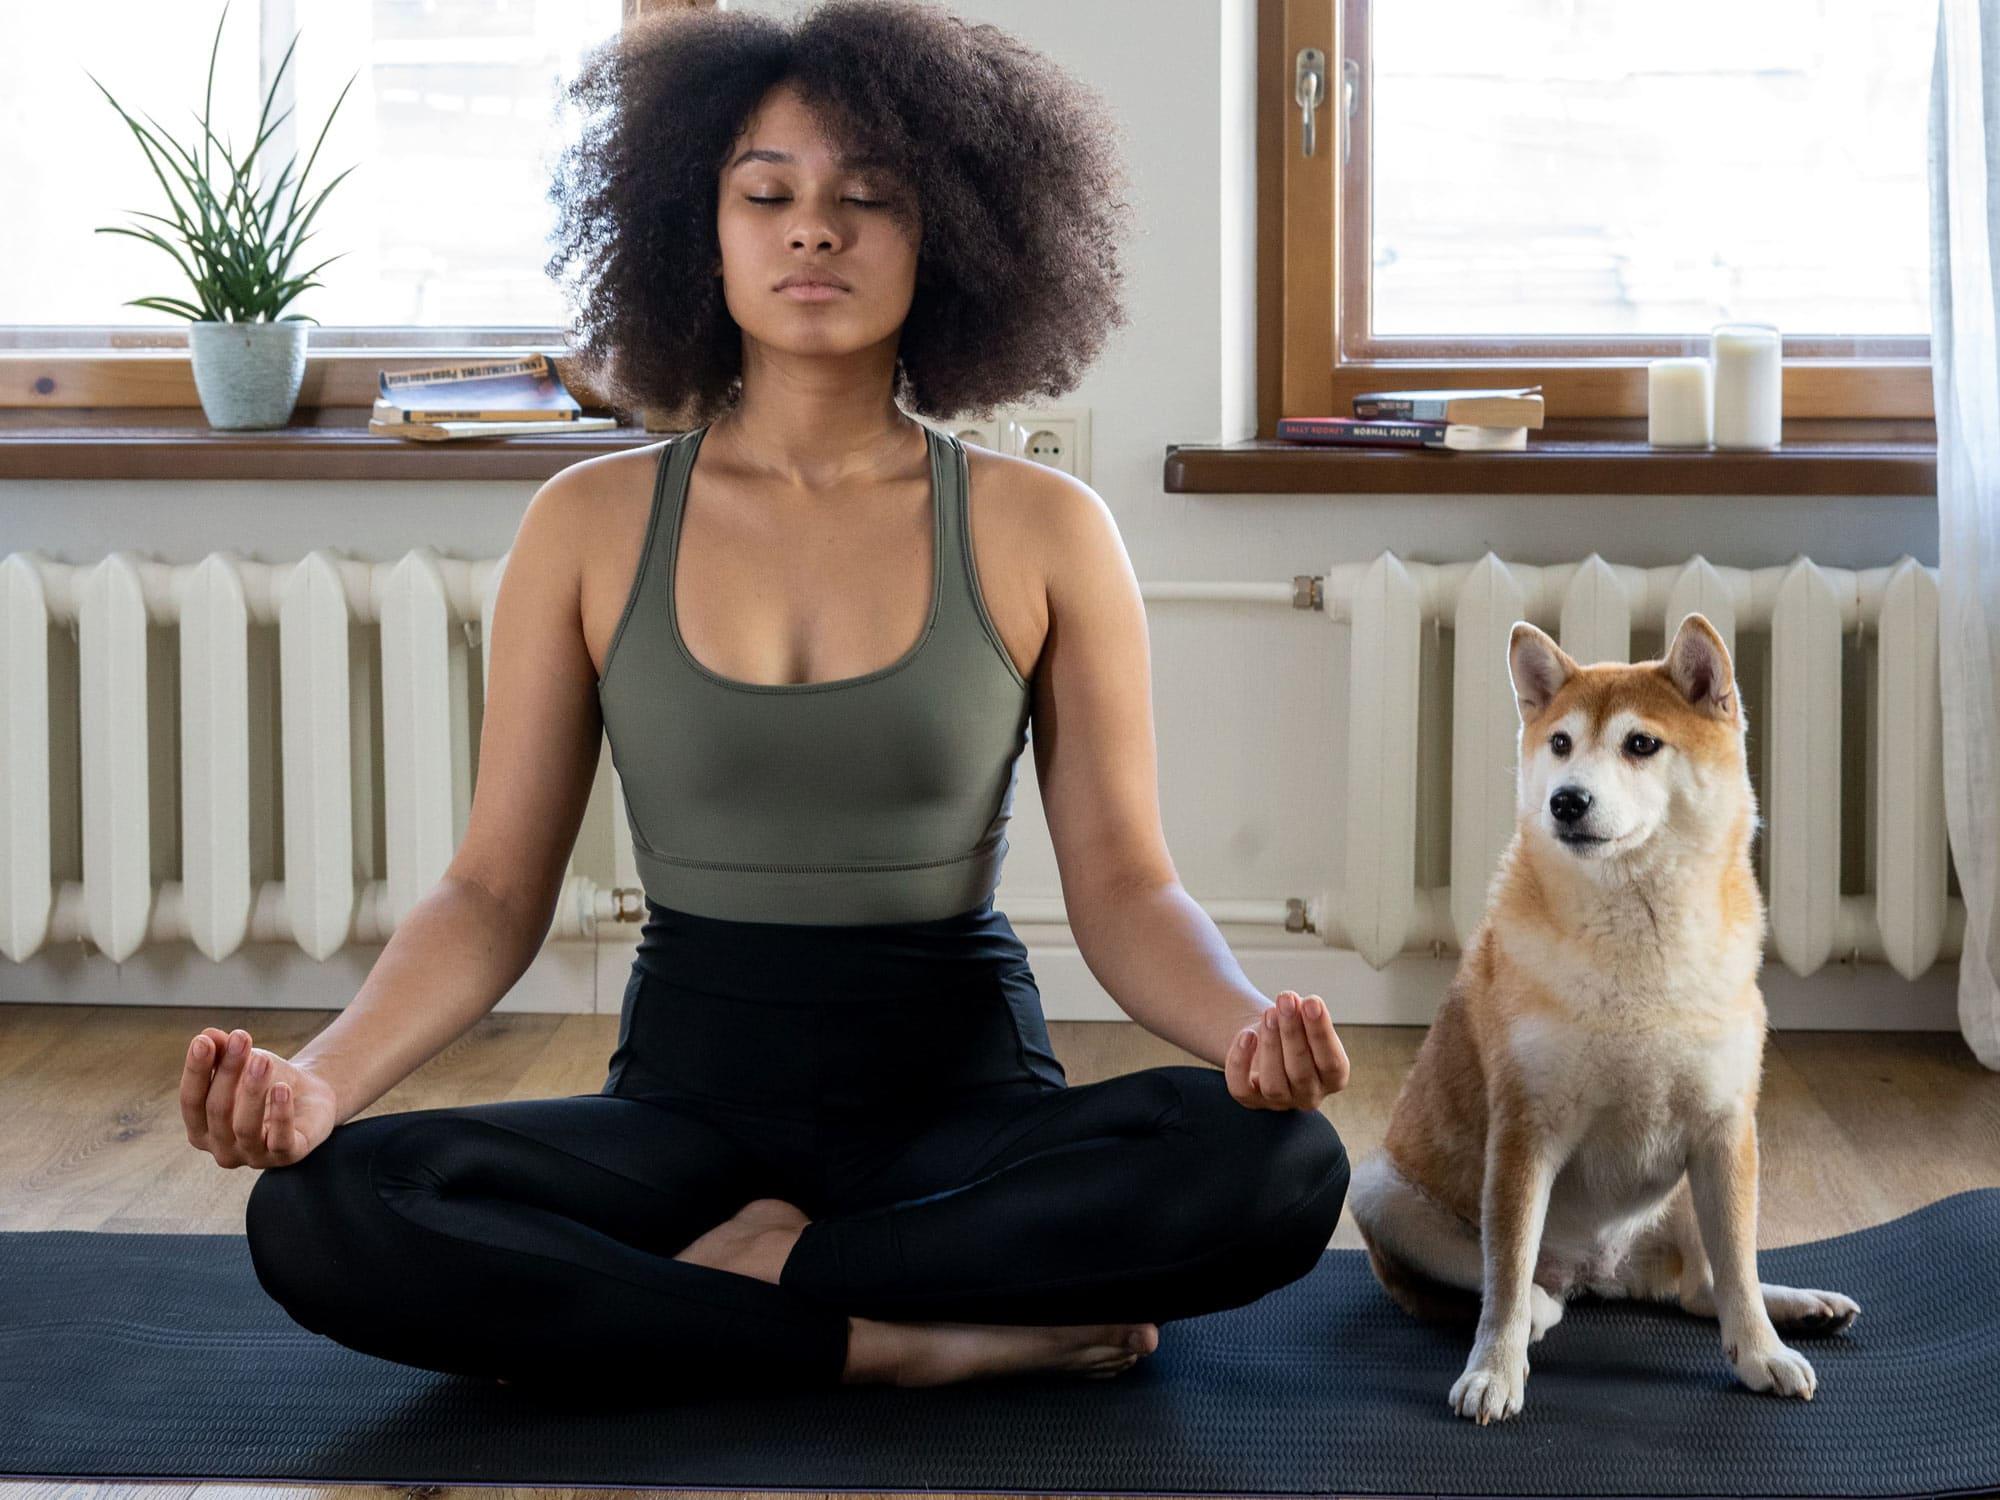 Frau_im_Schneidersitz_sitzt_neben_ihrem_Hund_auf_einer_Fitnessmatte - Zuhause